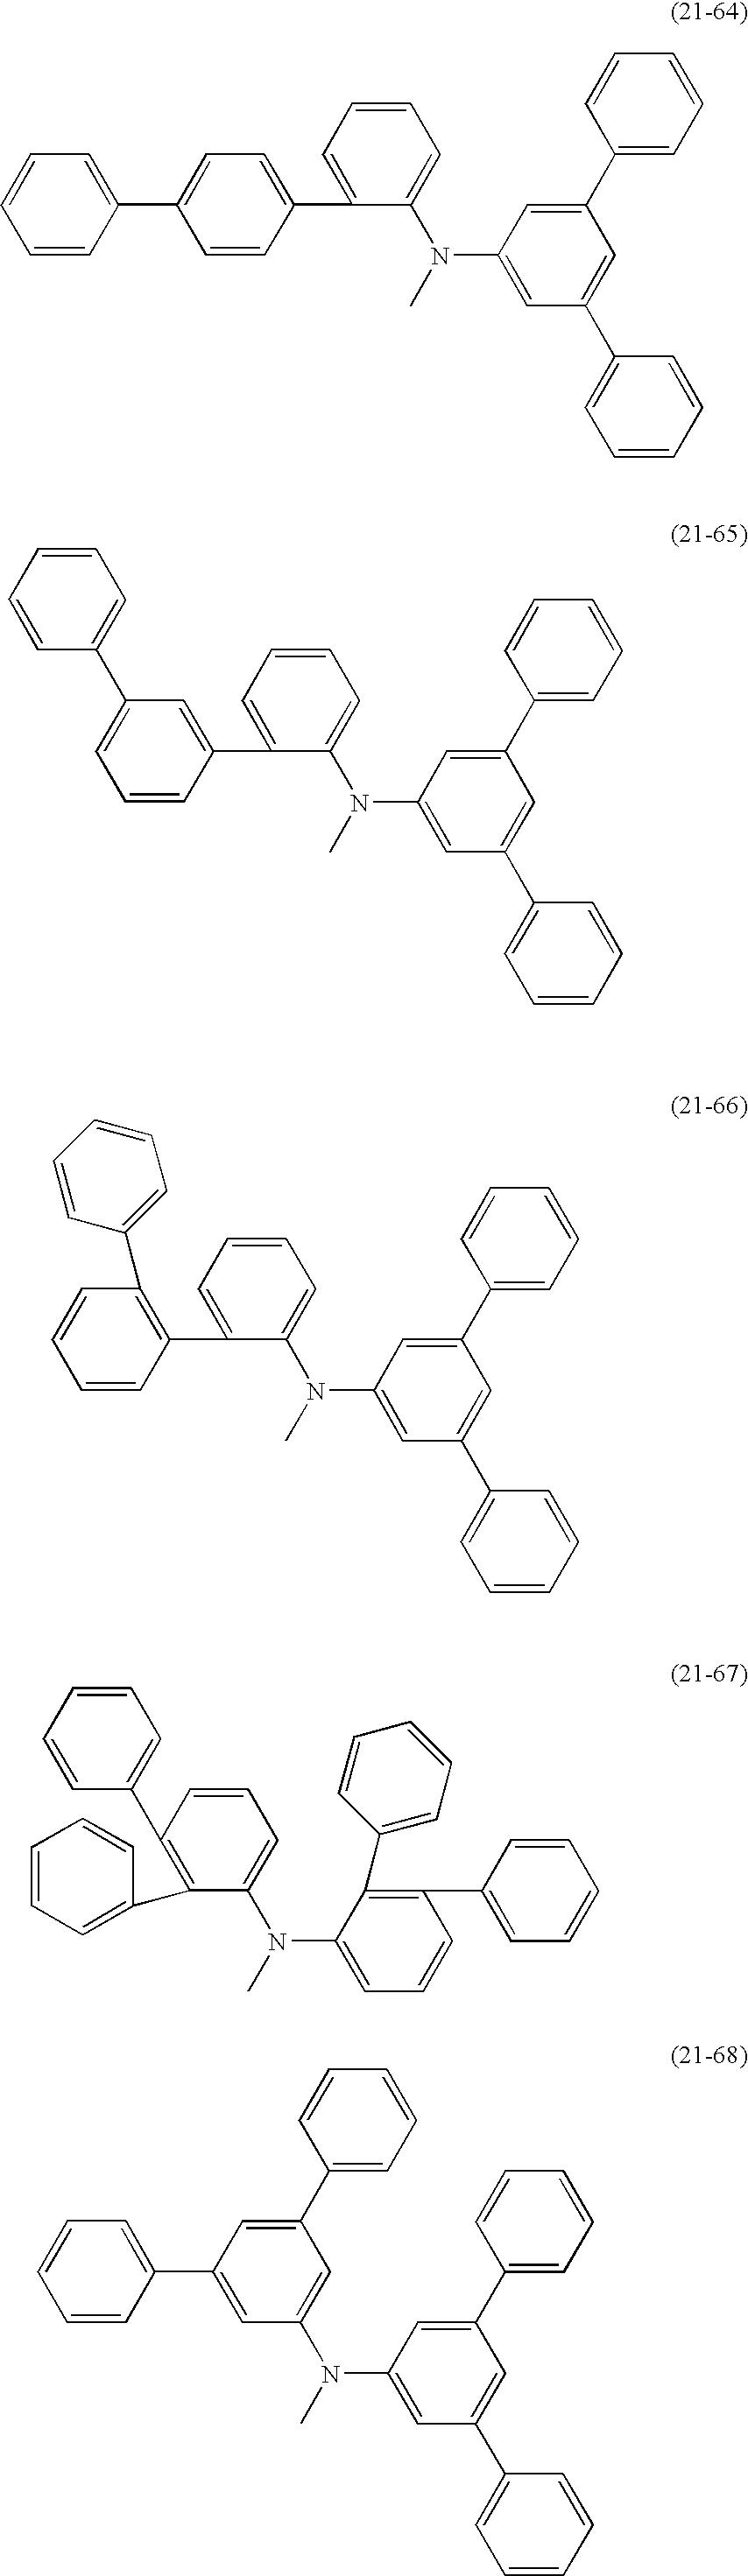 Figure US08178216-20120515-C00033